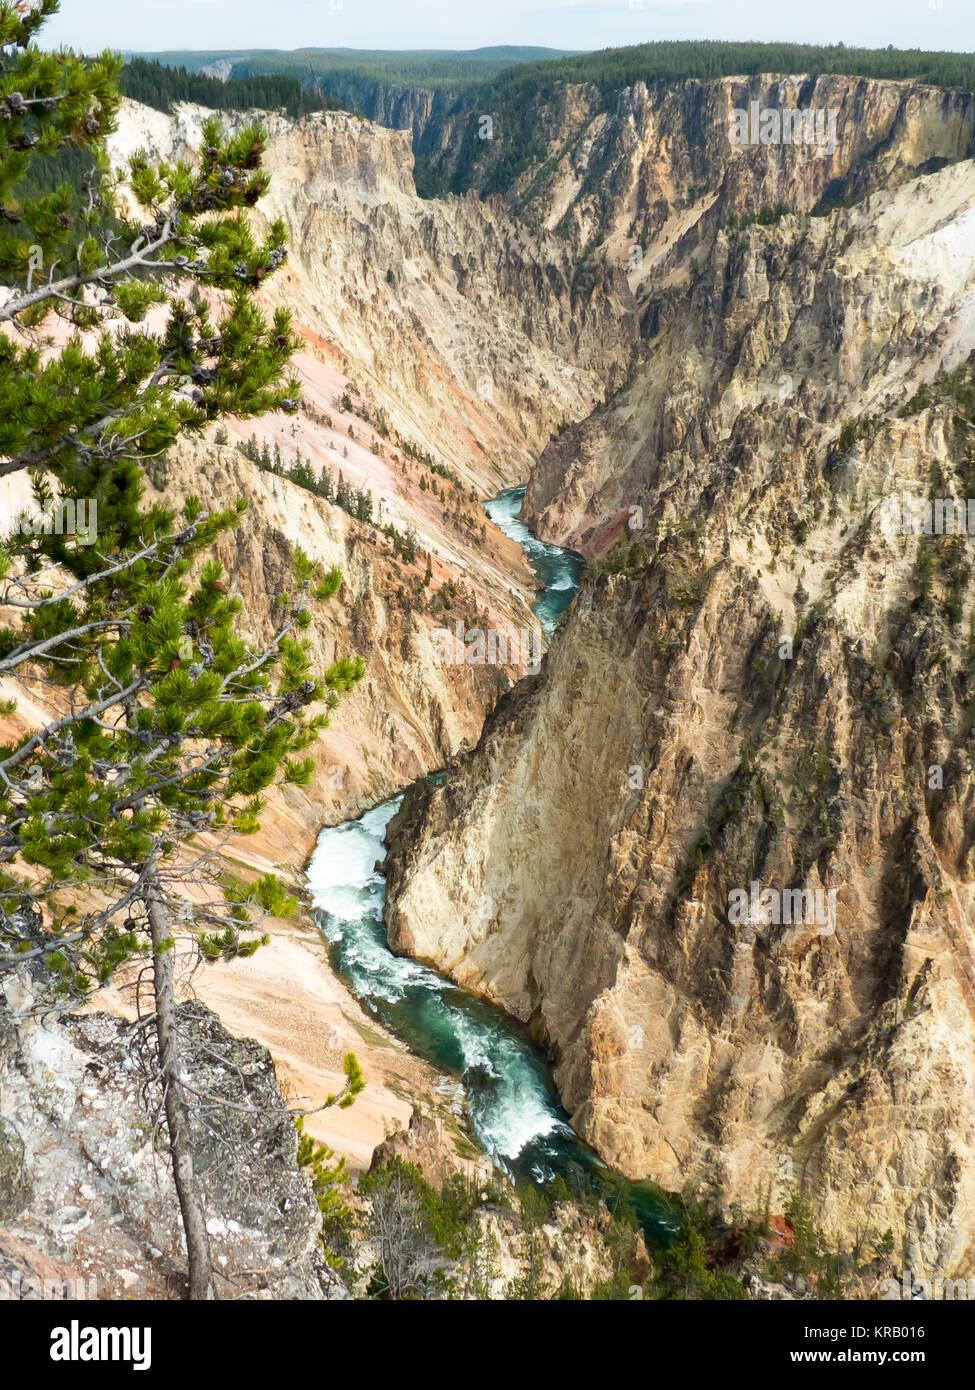 Parque Nacional Yellowstone, Wyoming: Yellowstone cañón desde el norte Rim Drive Imagen De Stock